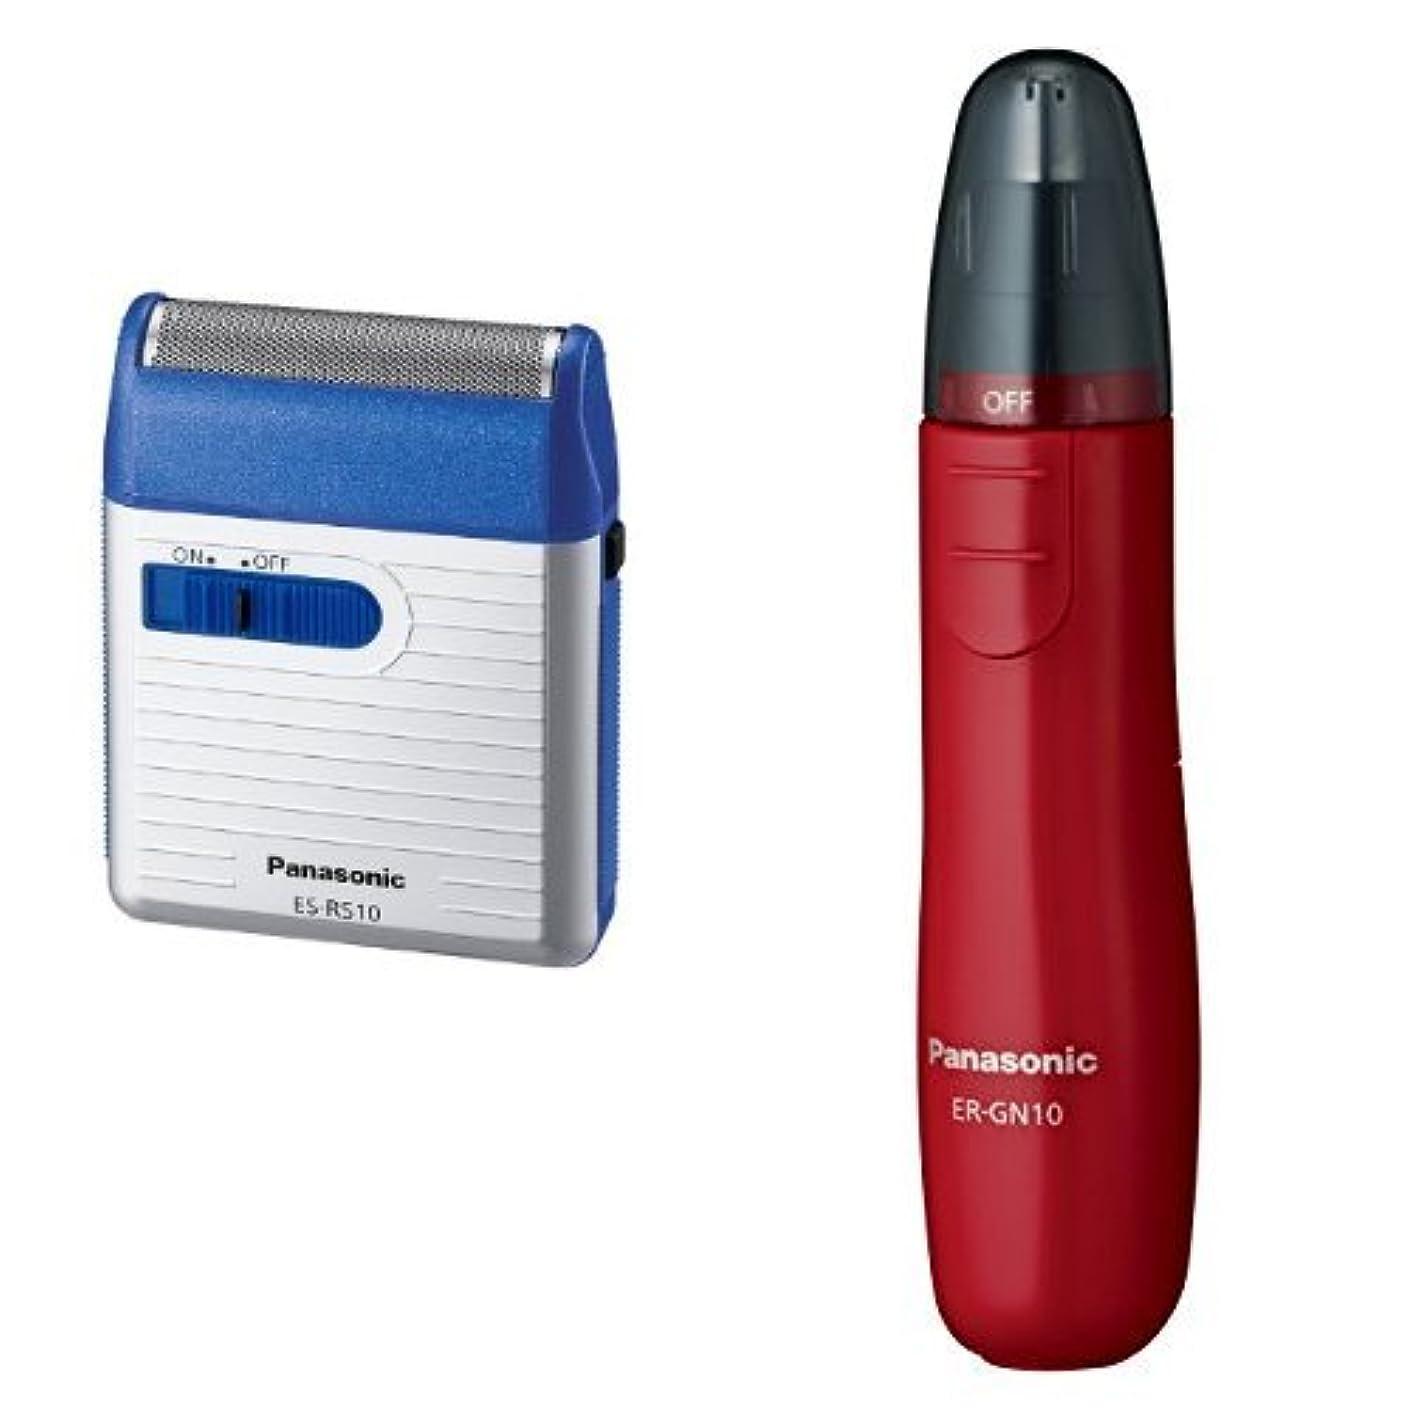 衰えるスコットランド人もう一度パナソニック メンズシェーバー 1枚刃 青 ES-RS10-A + エチケットカッター 赤 ER-GN10-R セット